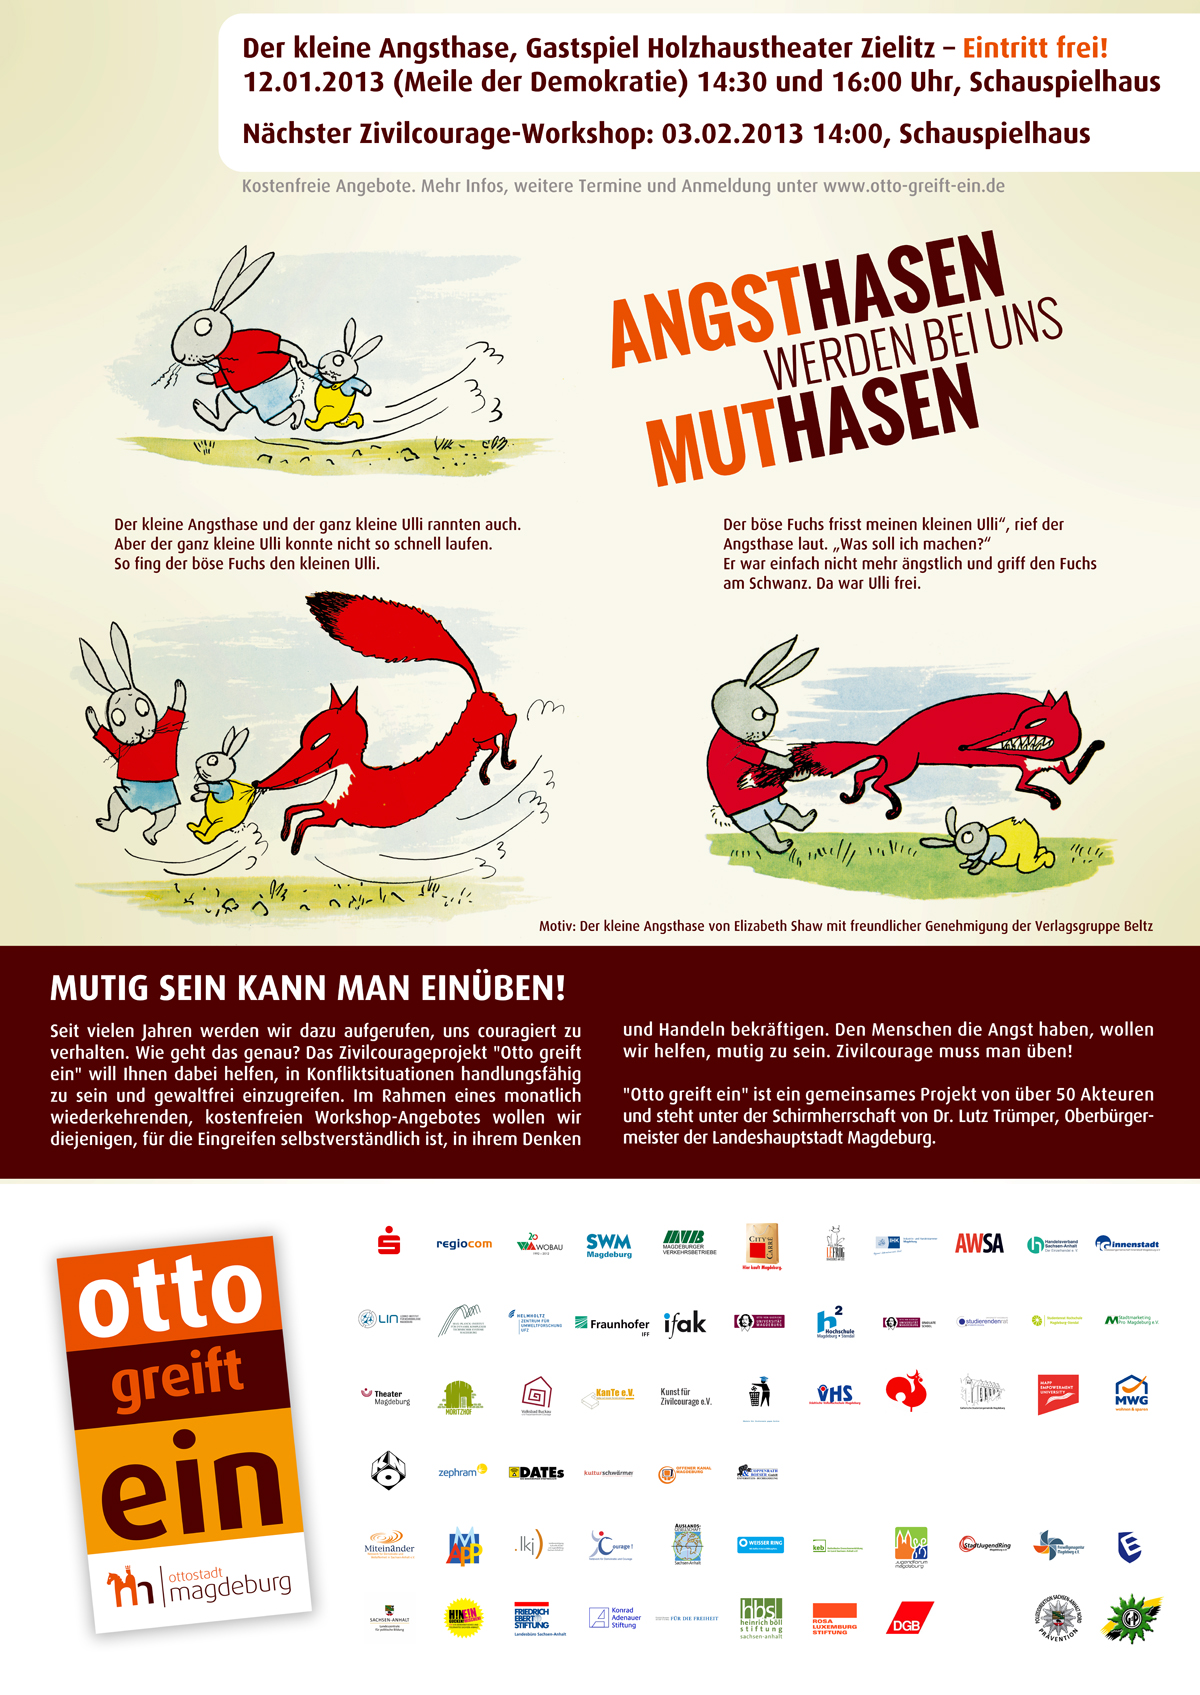 otto-greift-ein_plakat-JANUAR